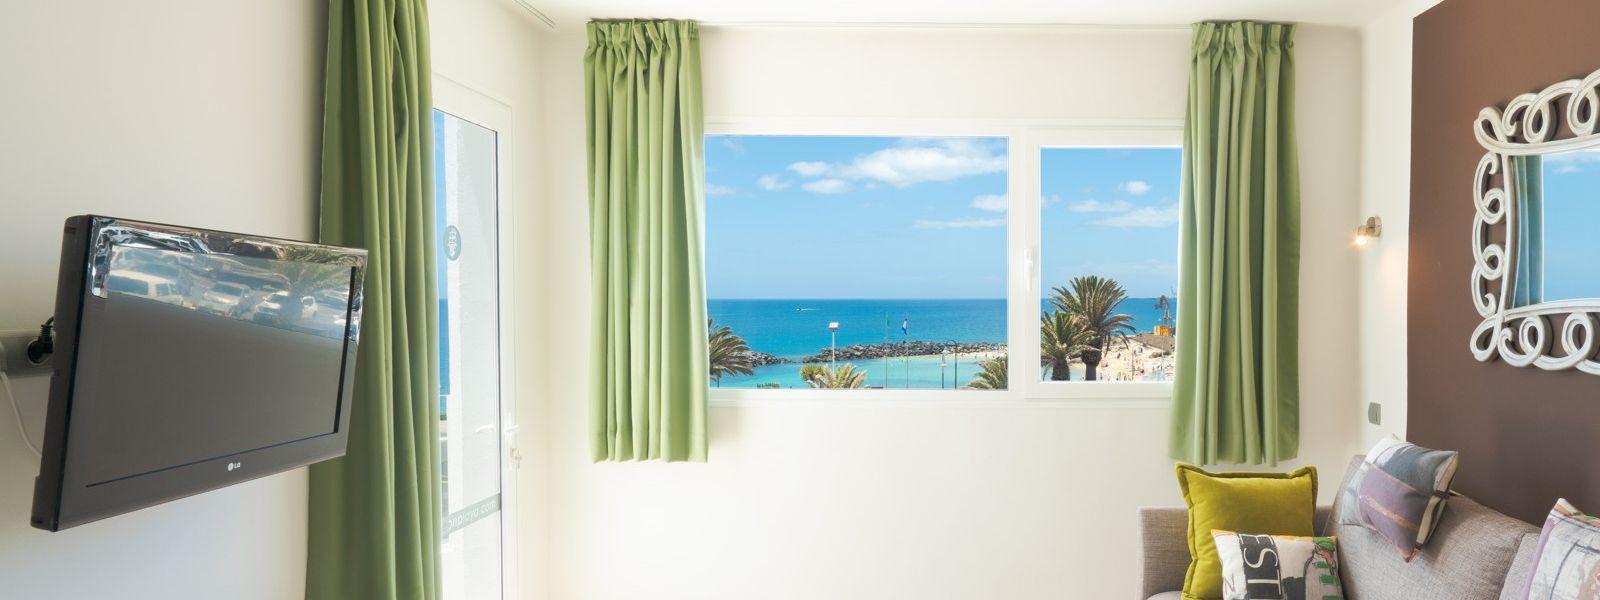 Lanzarote holidays deals